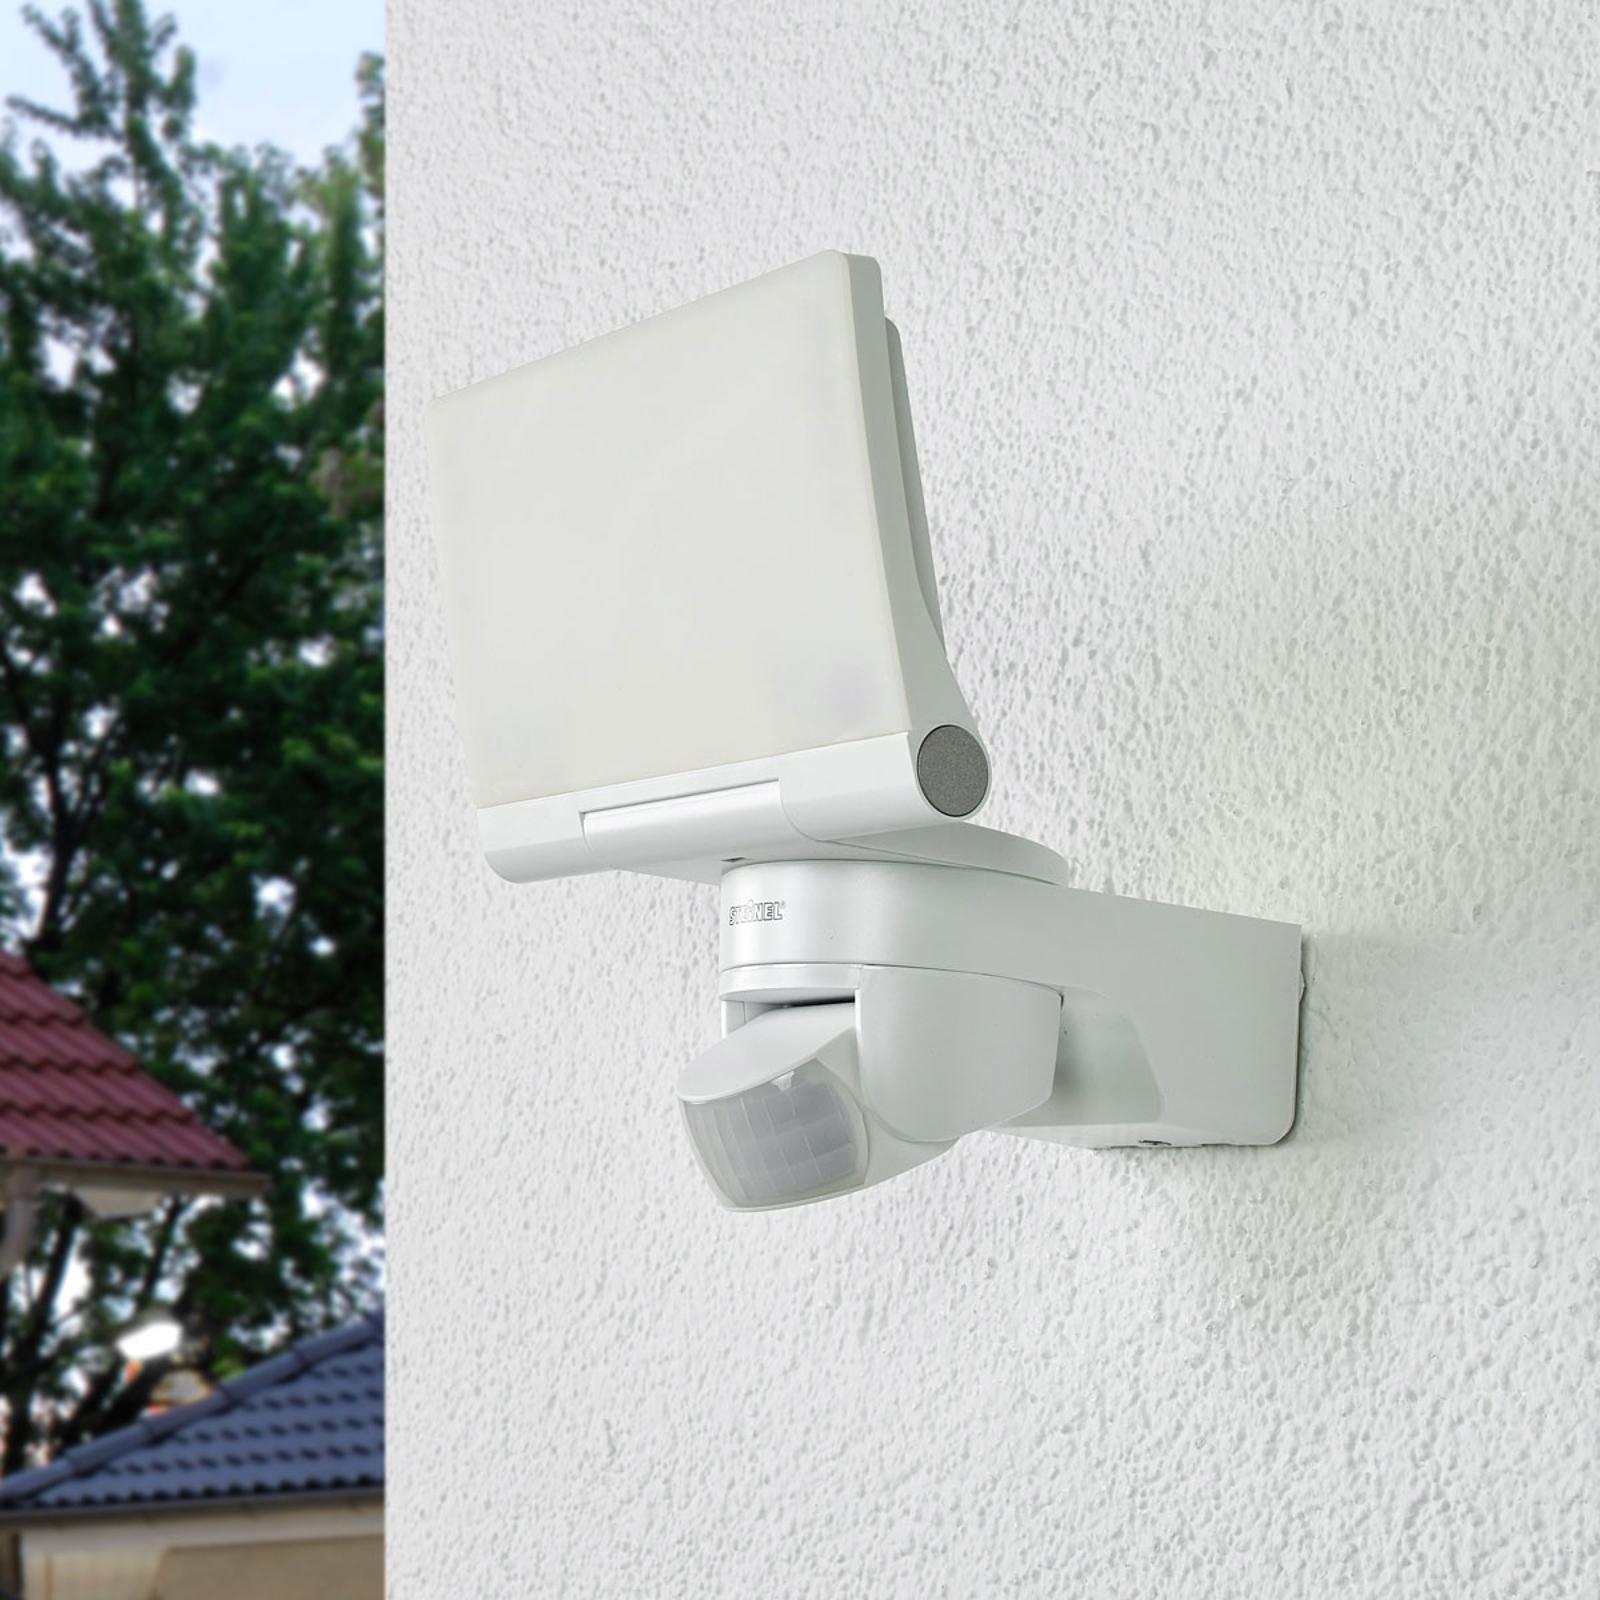 Applique d'extérieur LED XLED Home 2 détect, blanc